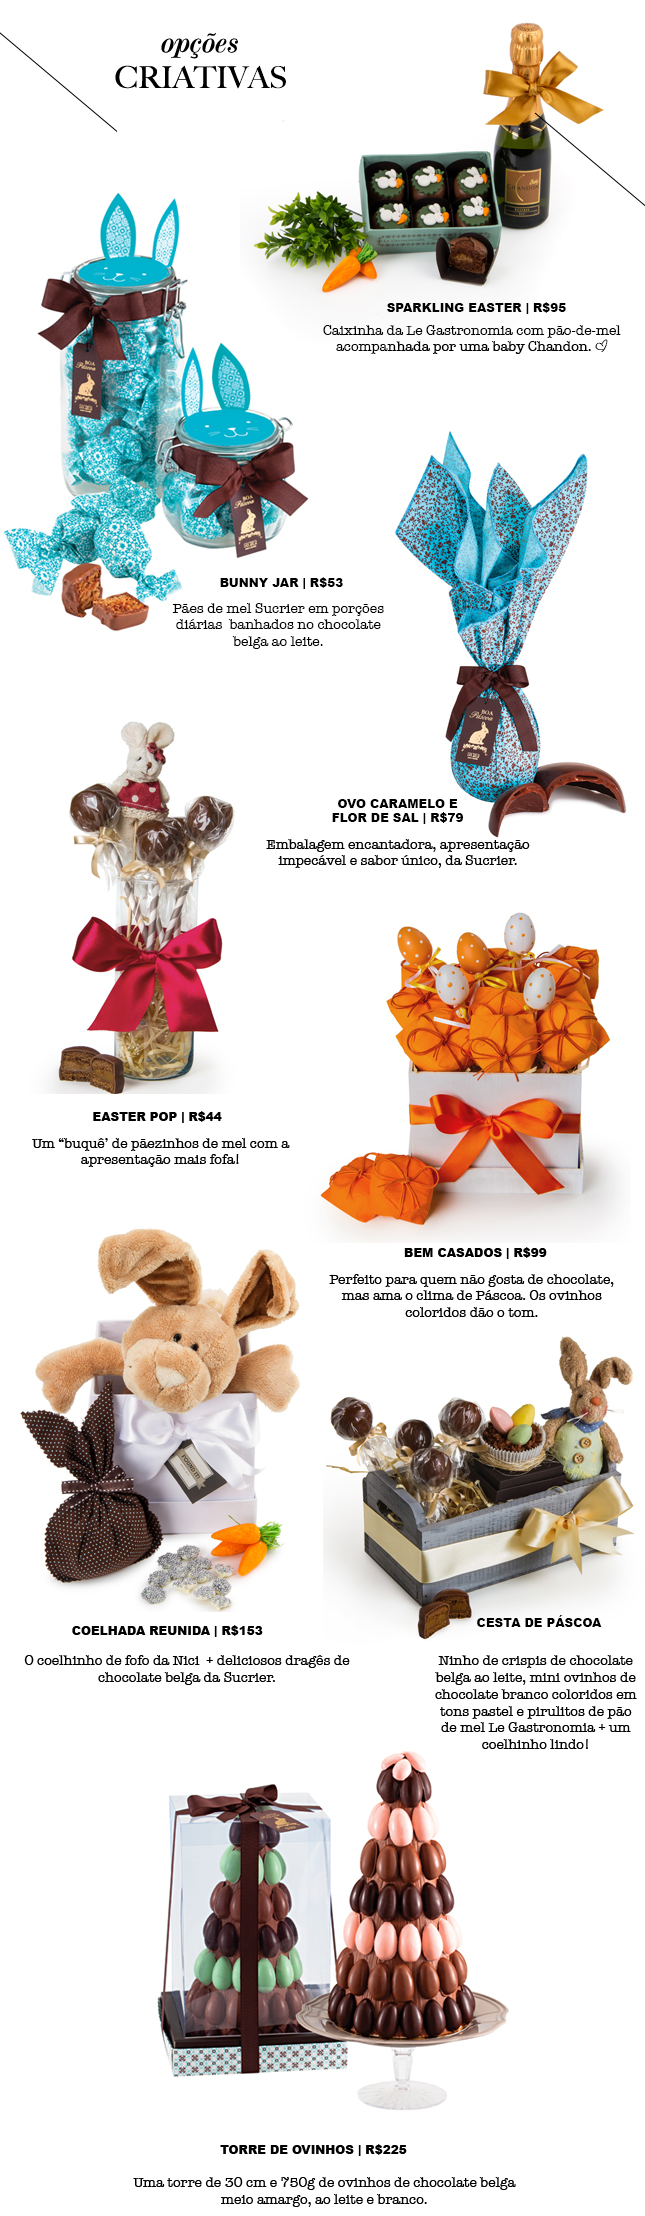 Opções de presentes de Páscoa super criativos na Found It!